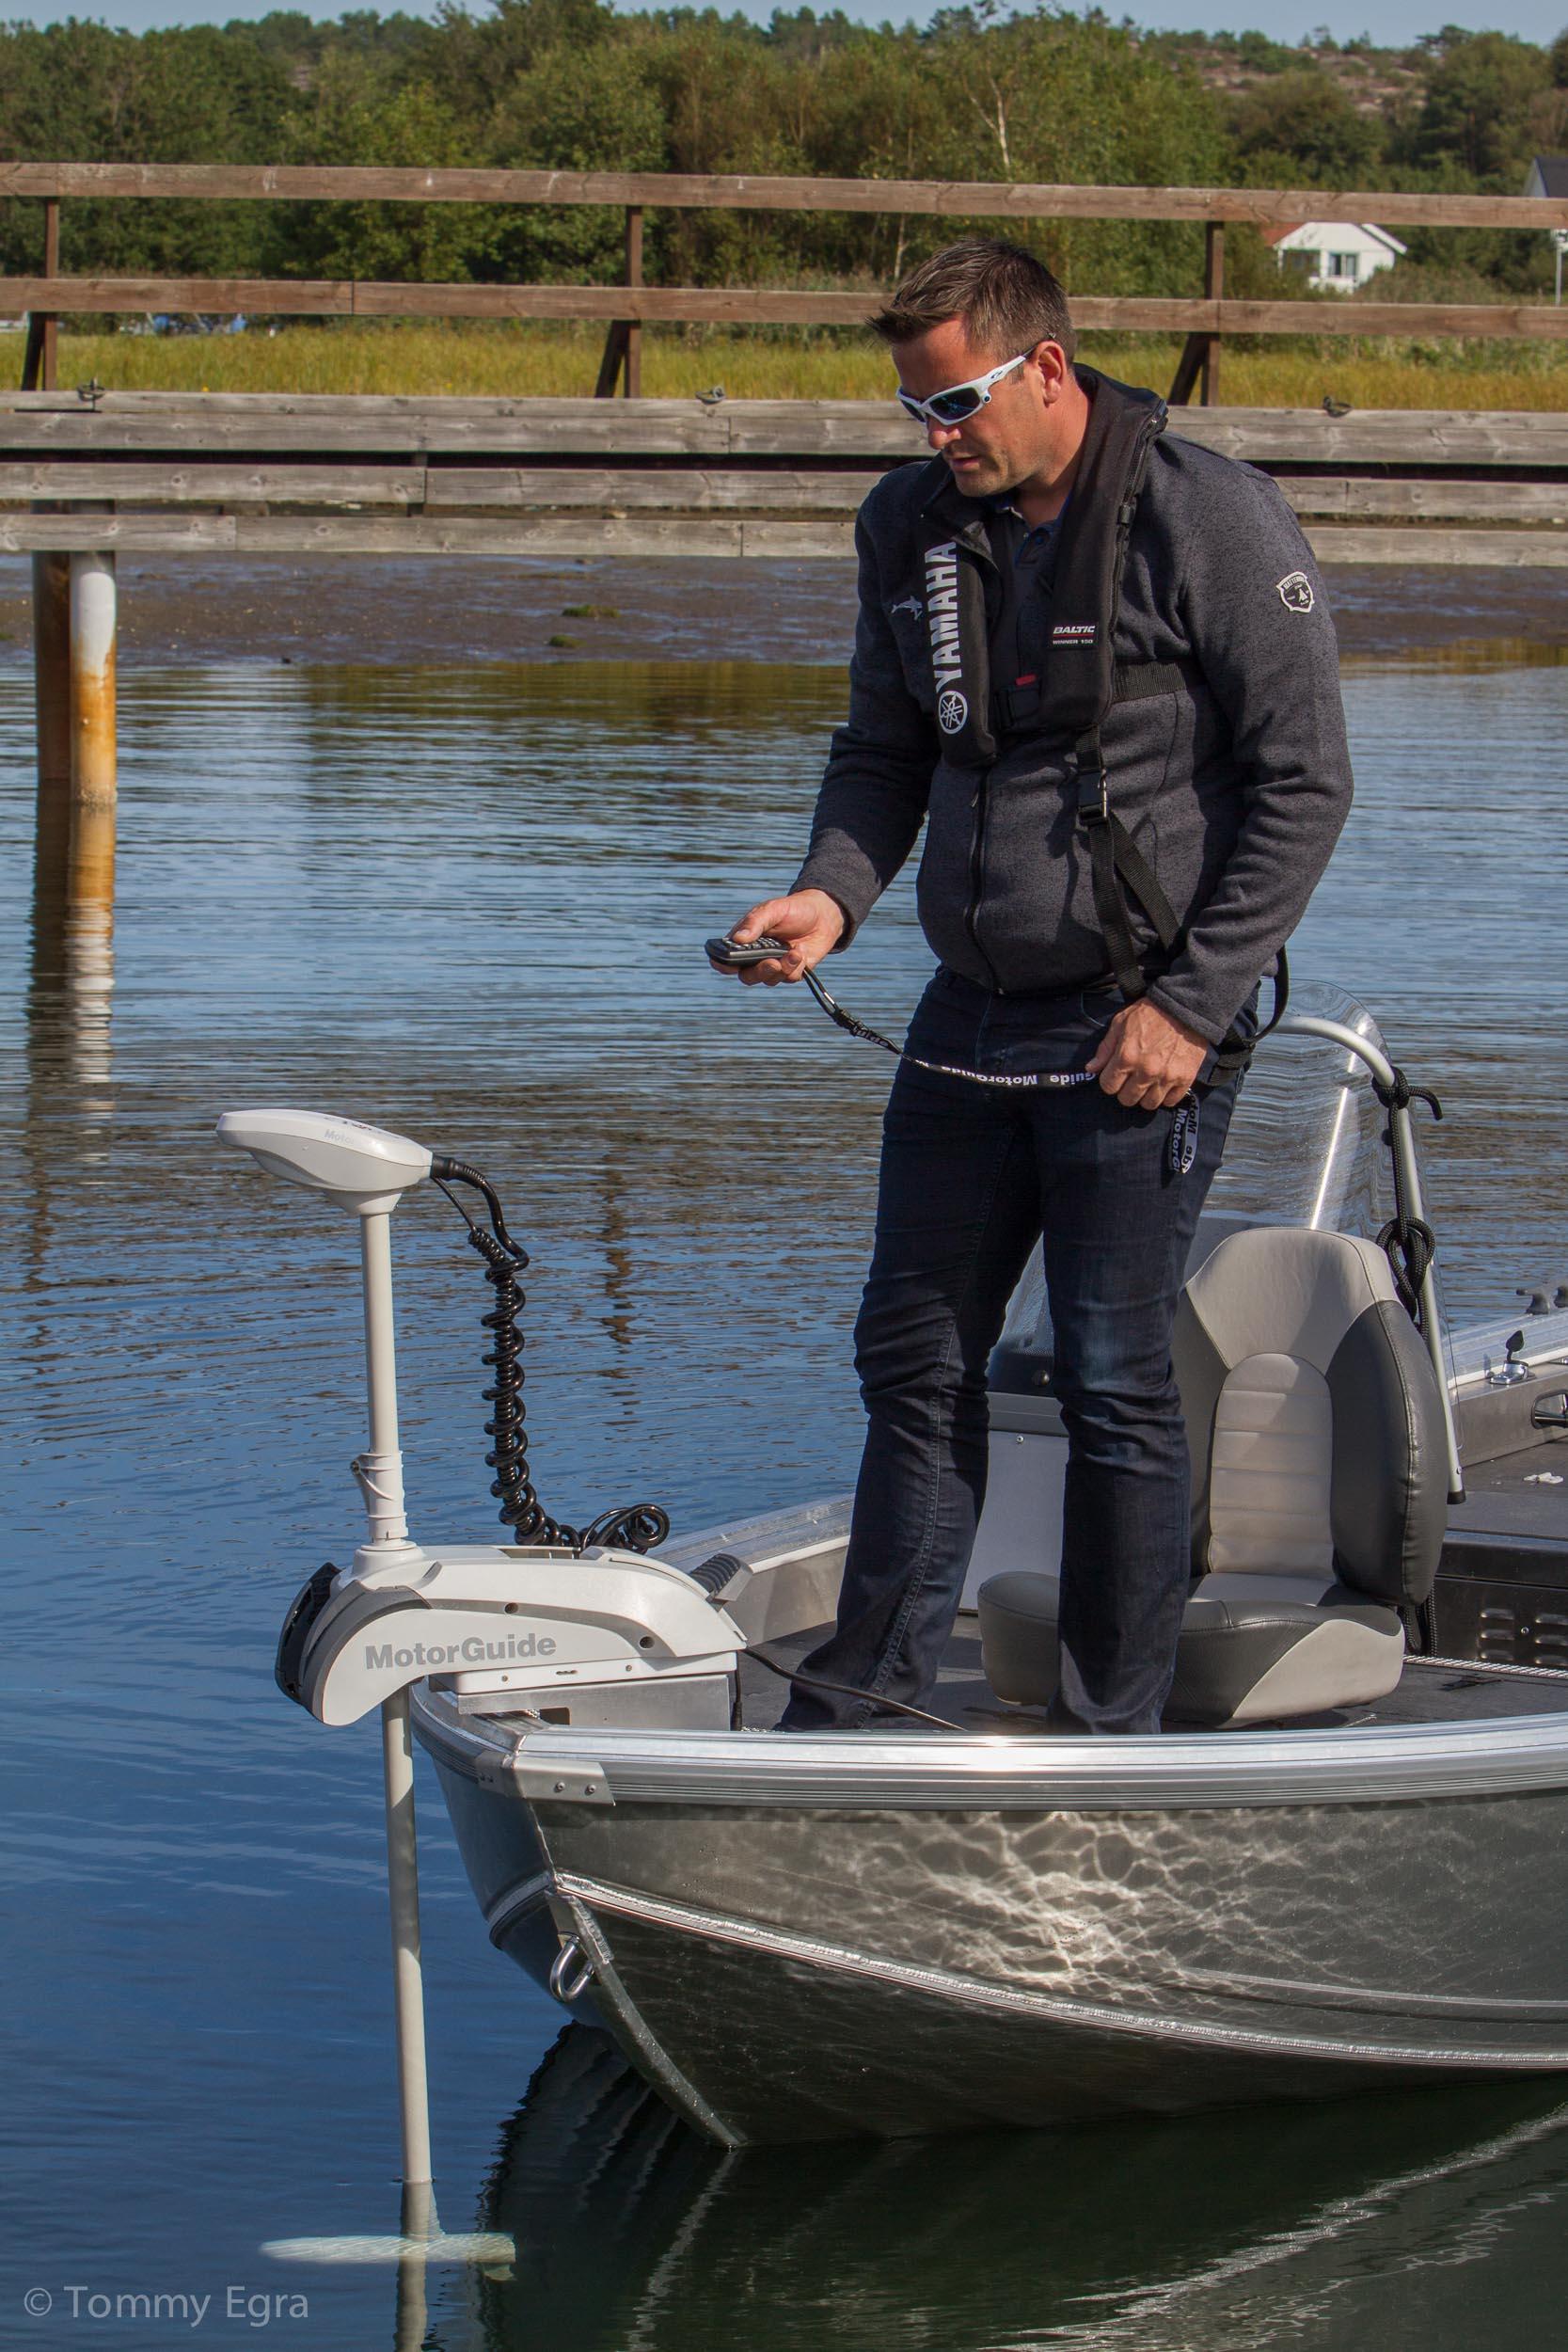 du kan stå hvor som helst i båten og styre den i fra fjernkontrollen